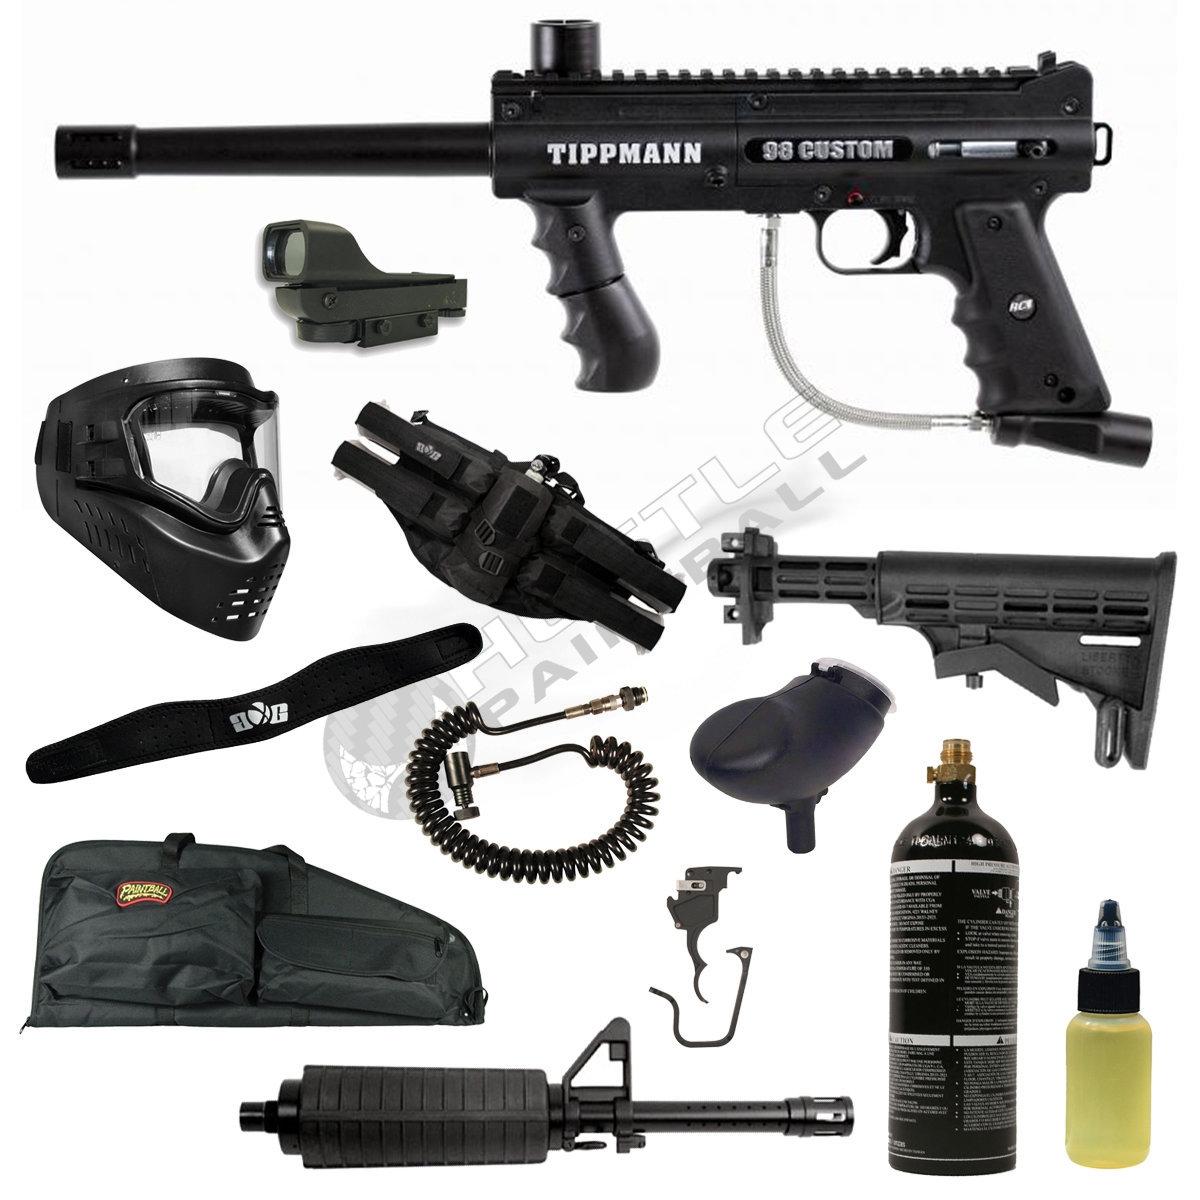 Tippmann 98 Custom Pro E Trigger Upgrade Kit Karmashares Platinum Series Rt Gun Parts V080616 Diagram Ultra Basic Paintball Starter Package